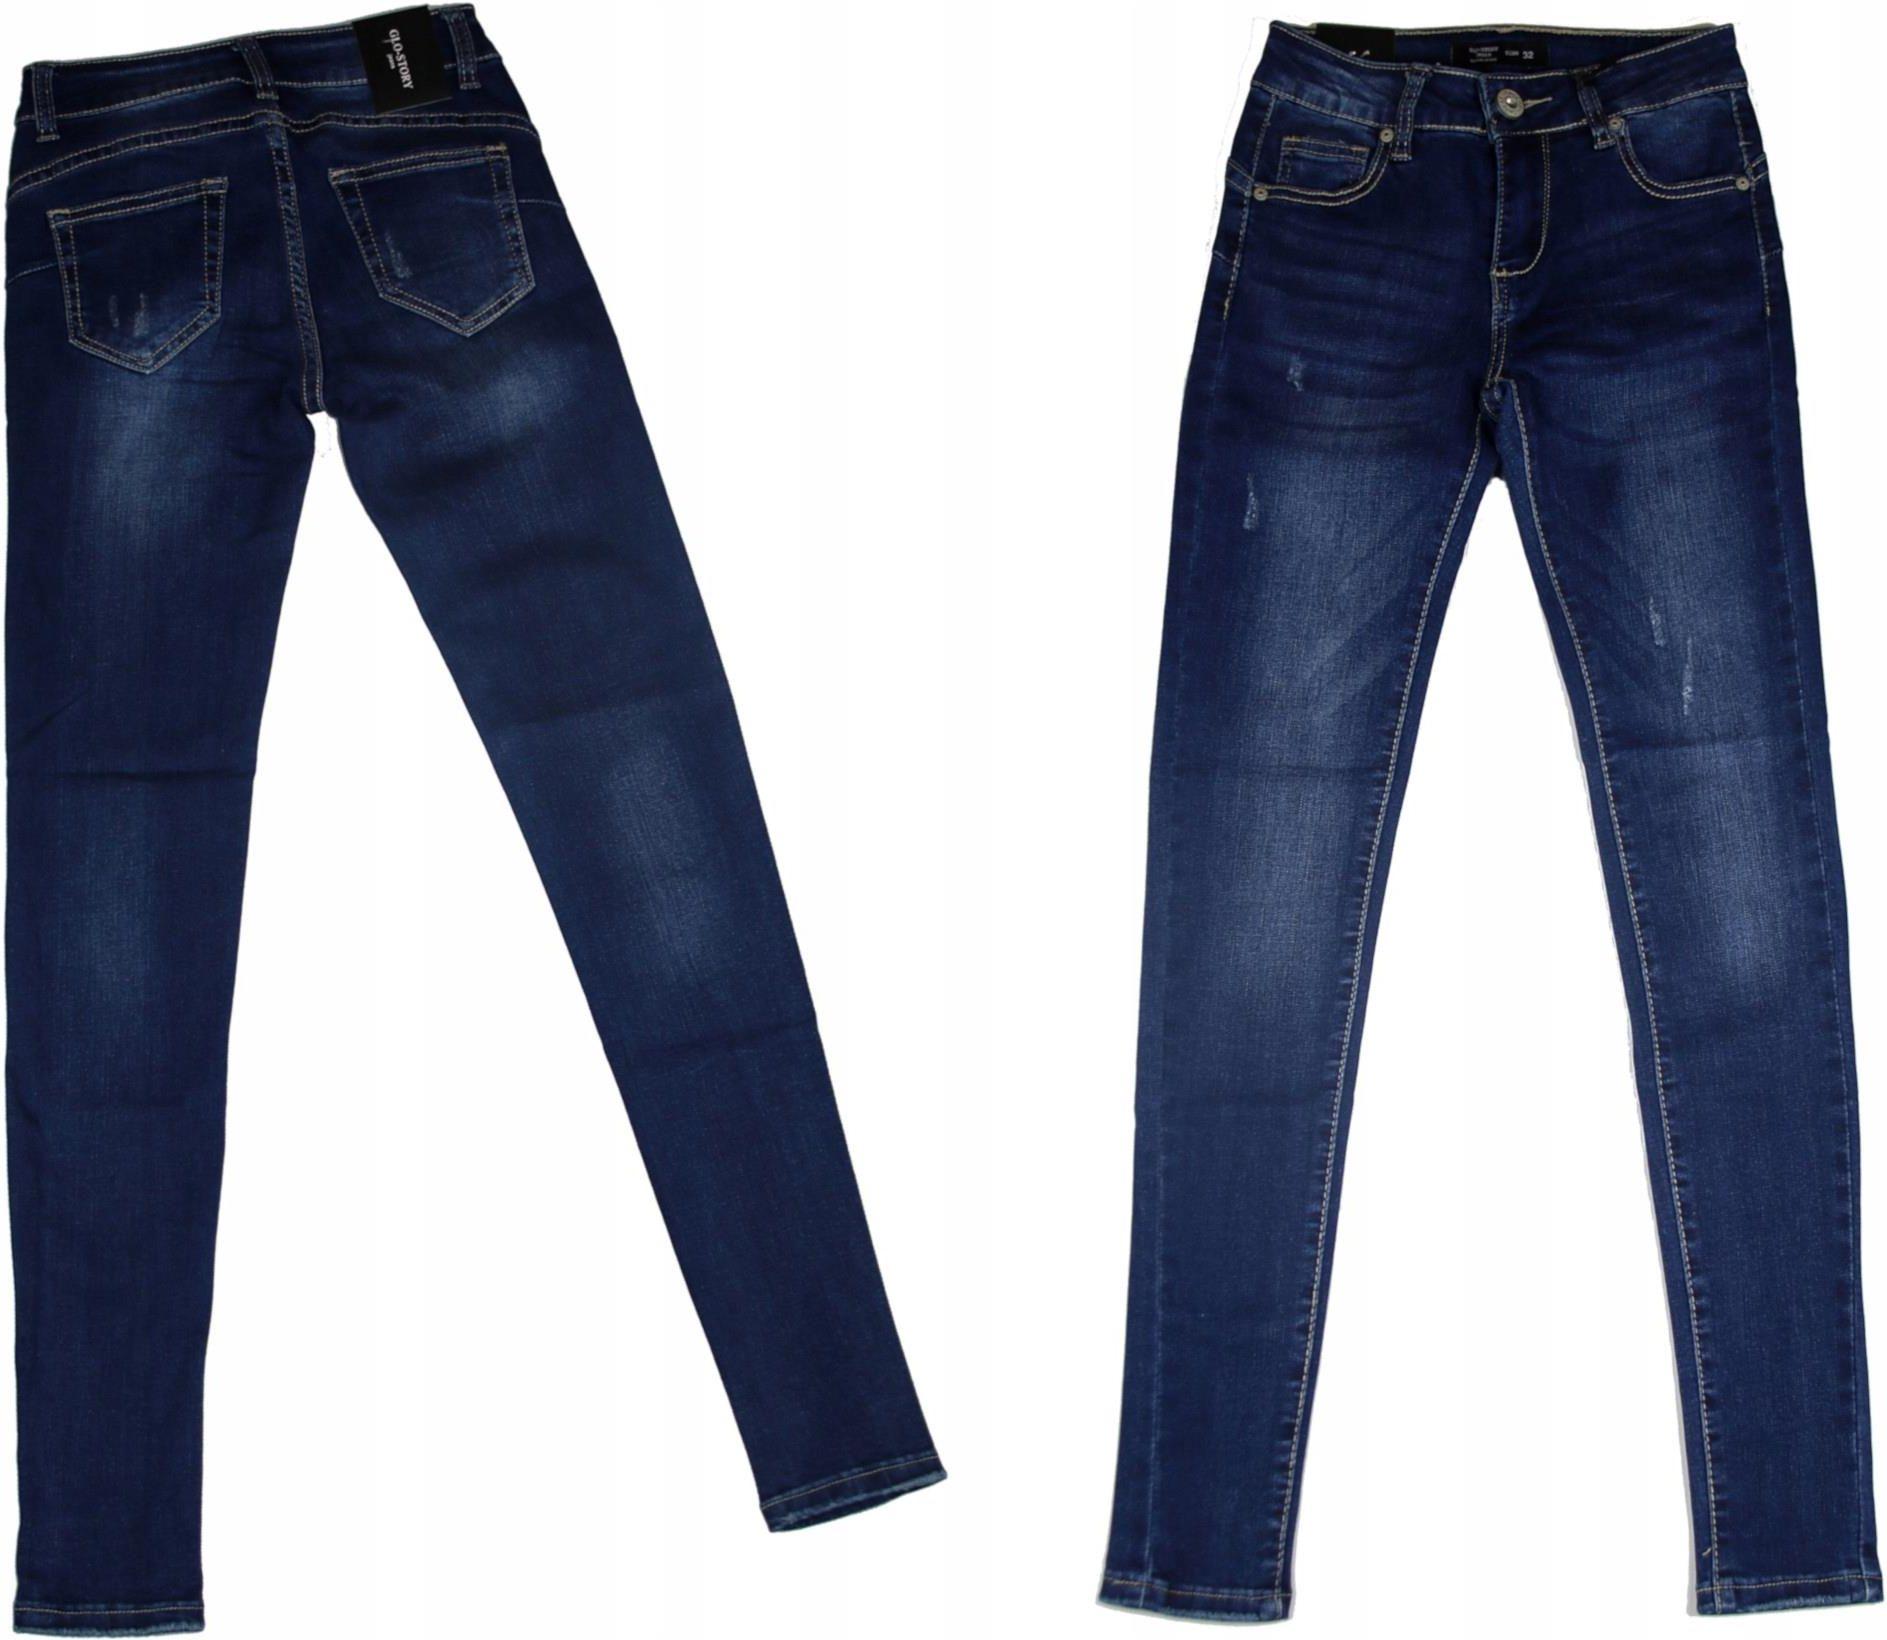 3c9920ebe203 Jeansy Damskie Spodnie Jeansowe damskie jeansy 34 - Ceny i opinie ...